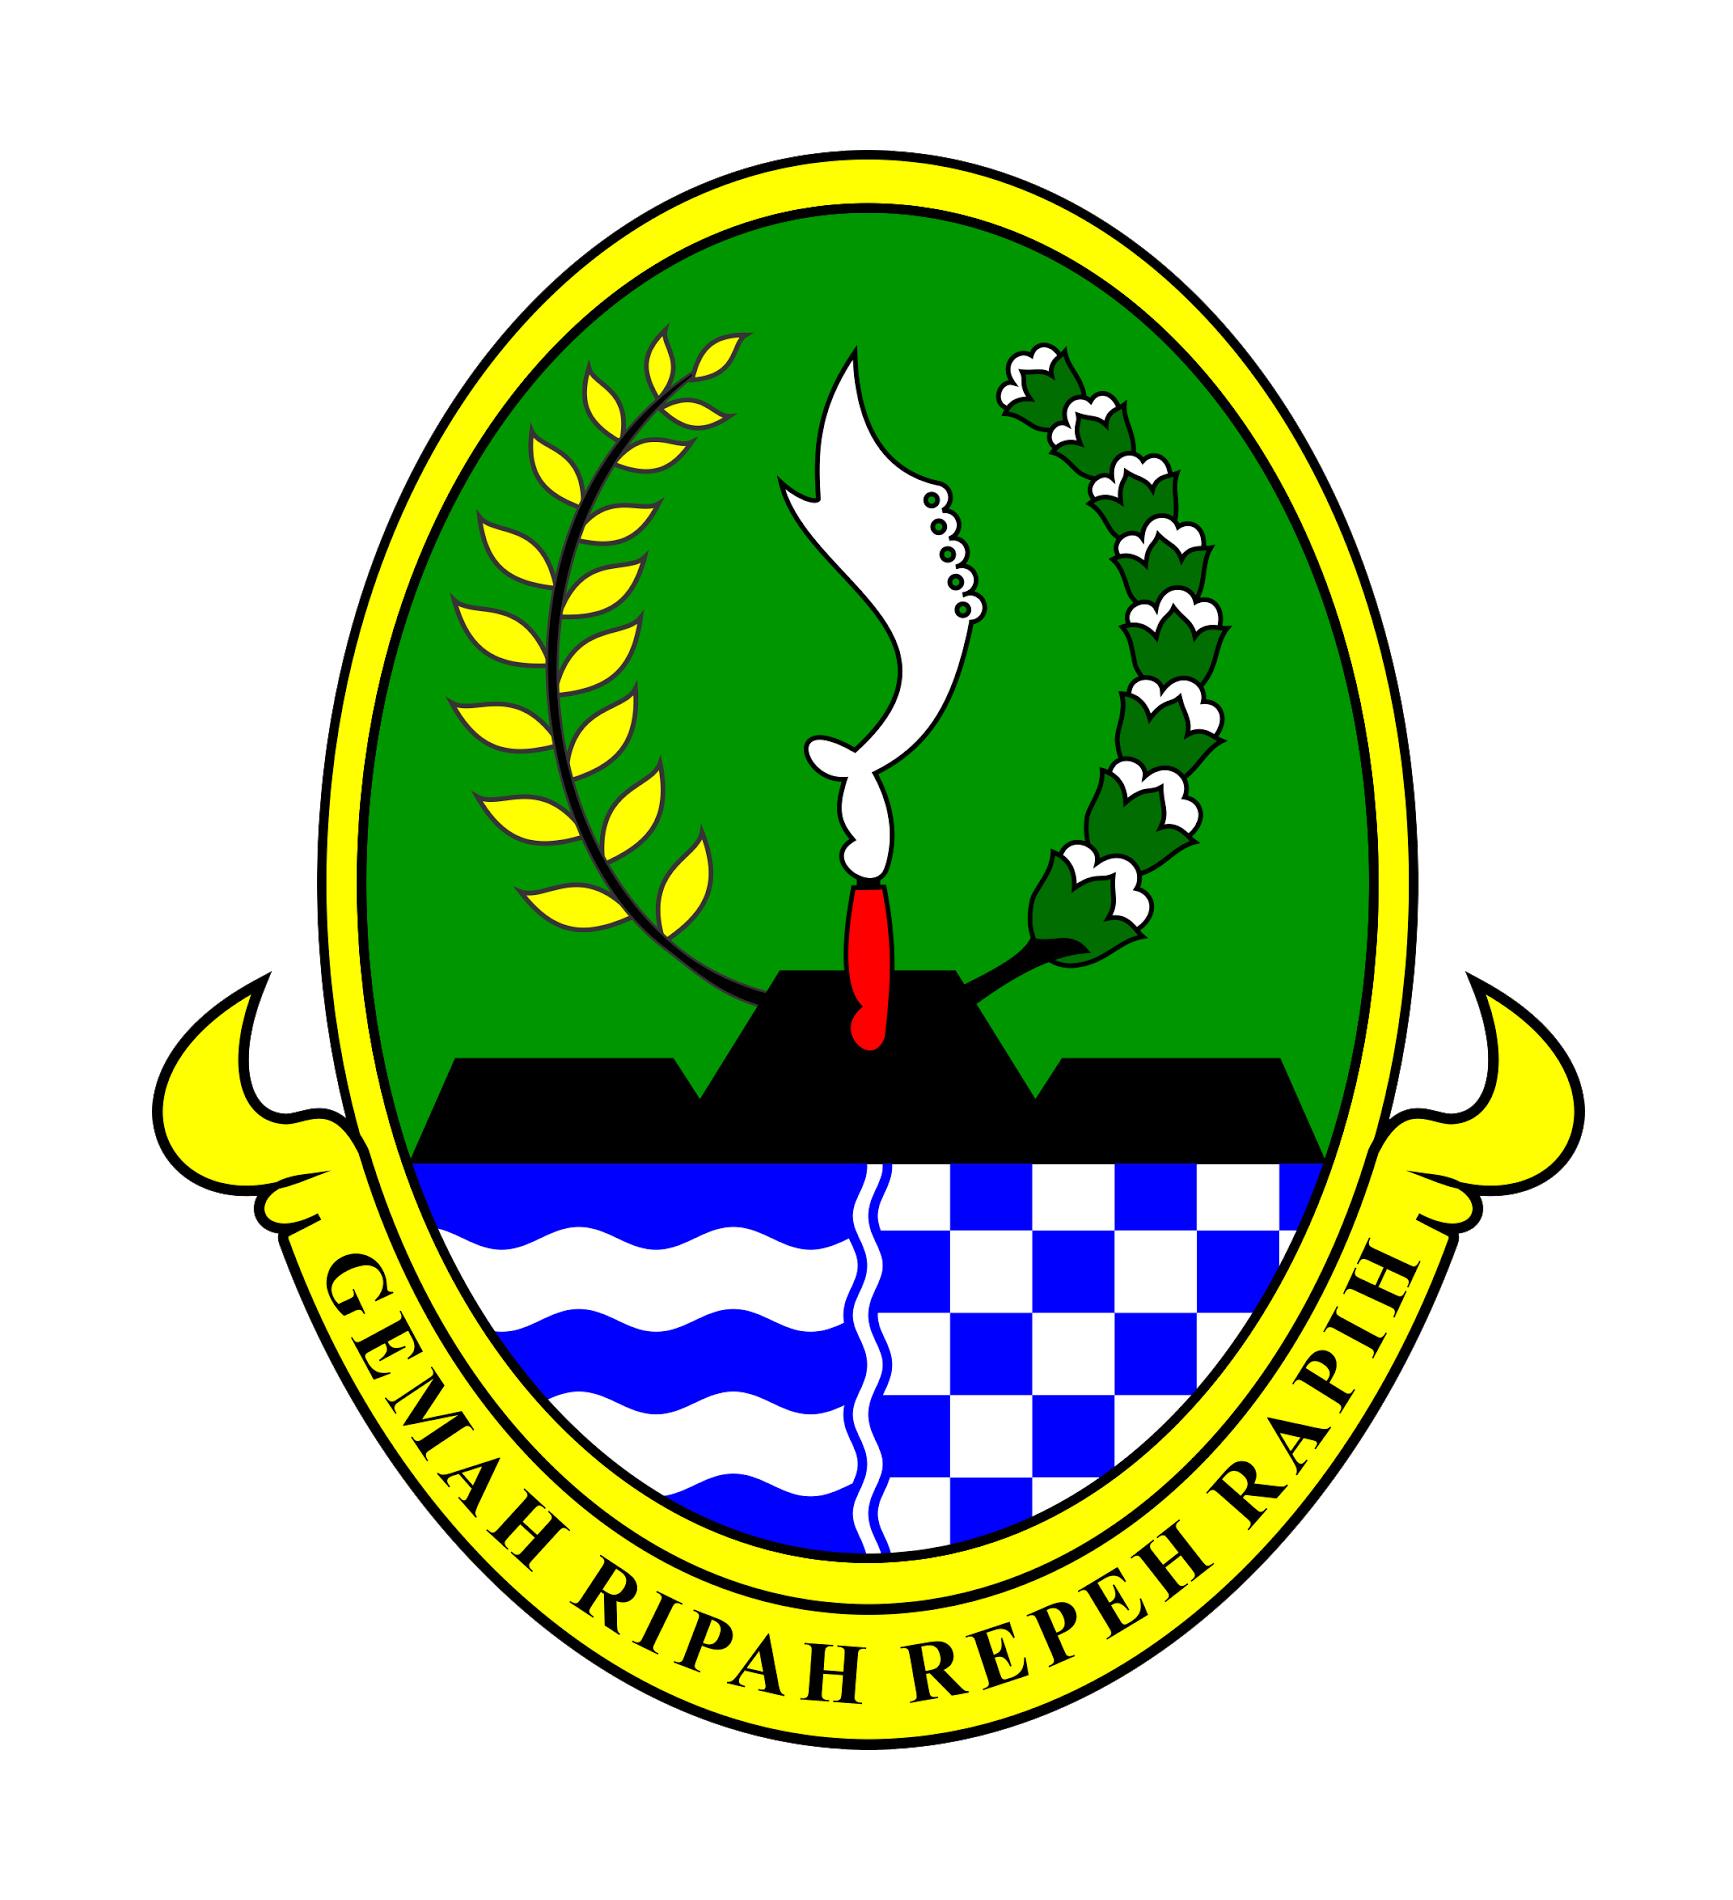 Logo Jawa Barat PNG (Provinsi Jawa Barat).